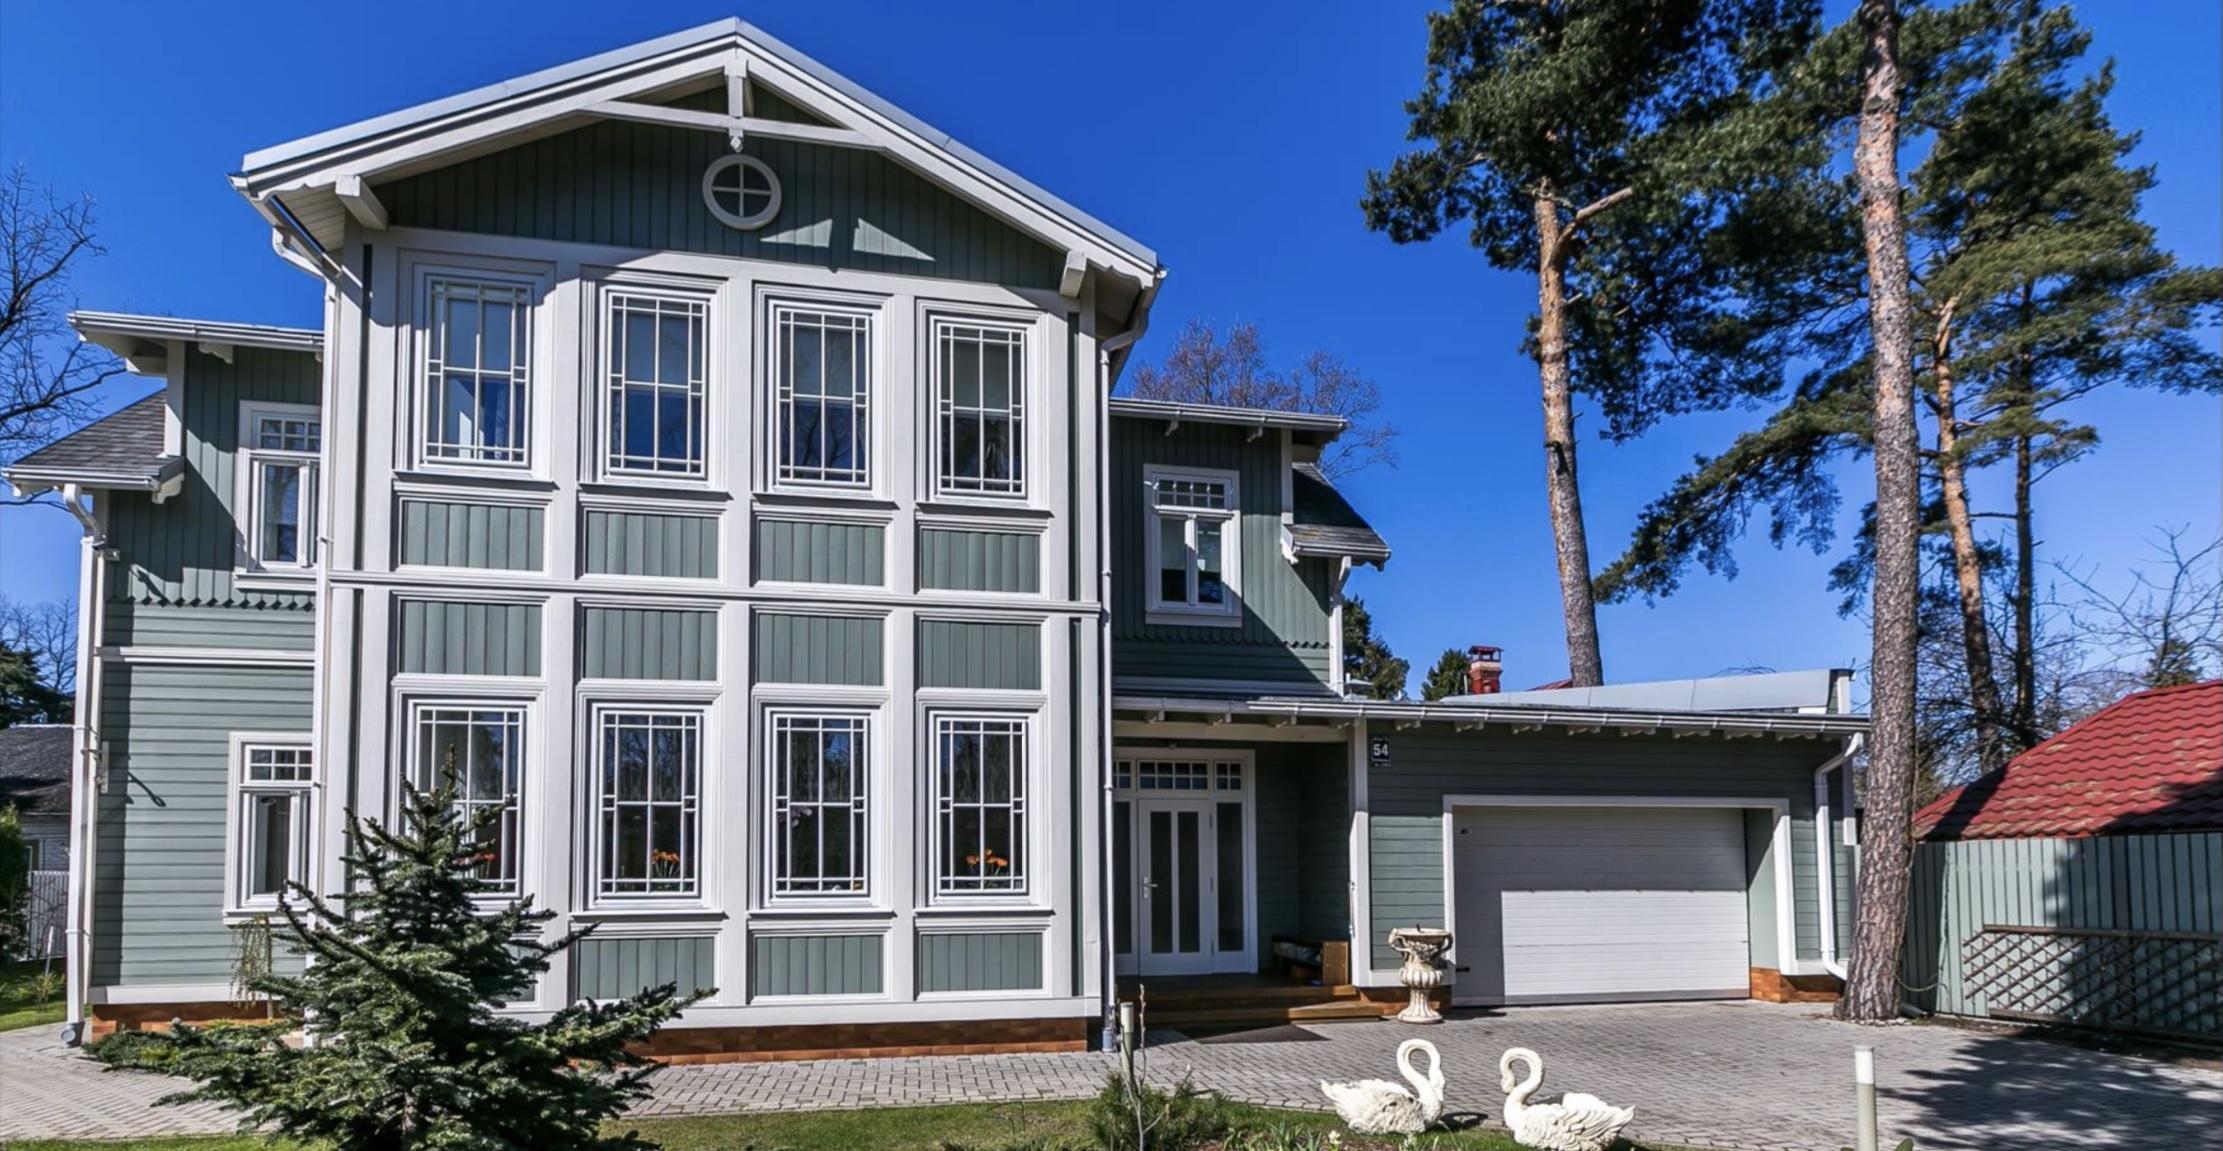 Pārdod māju, Viktorijas iela - Attēls 1